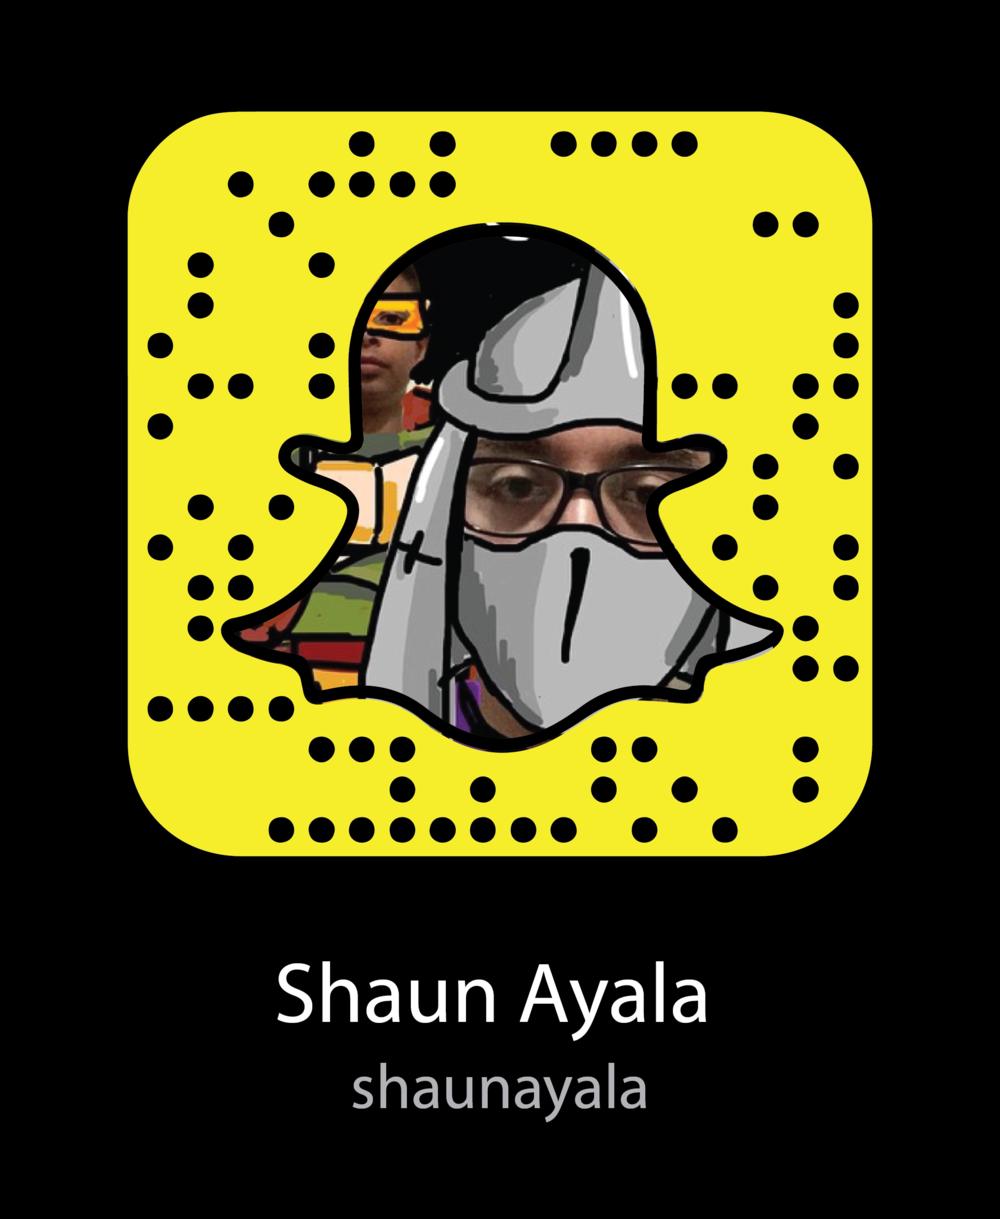 shaun-ayala-artist-snapchat-snapcode.png